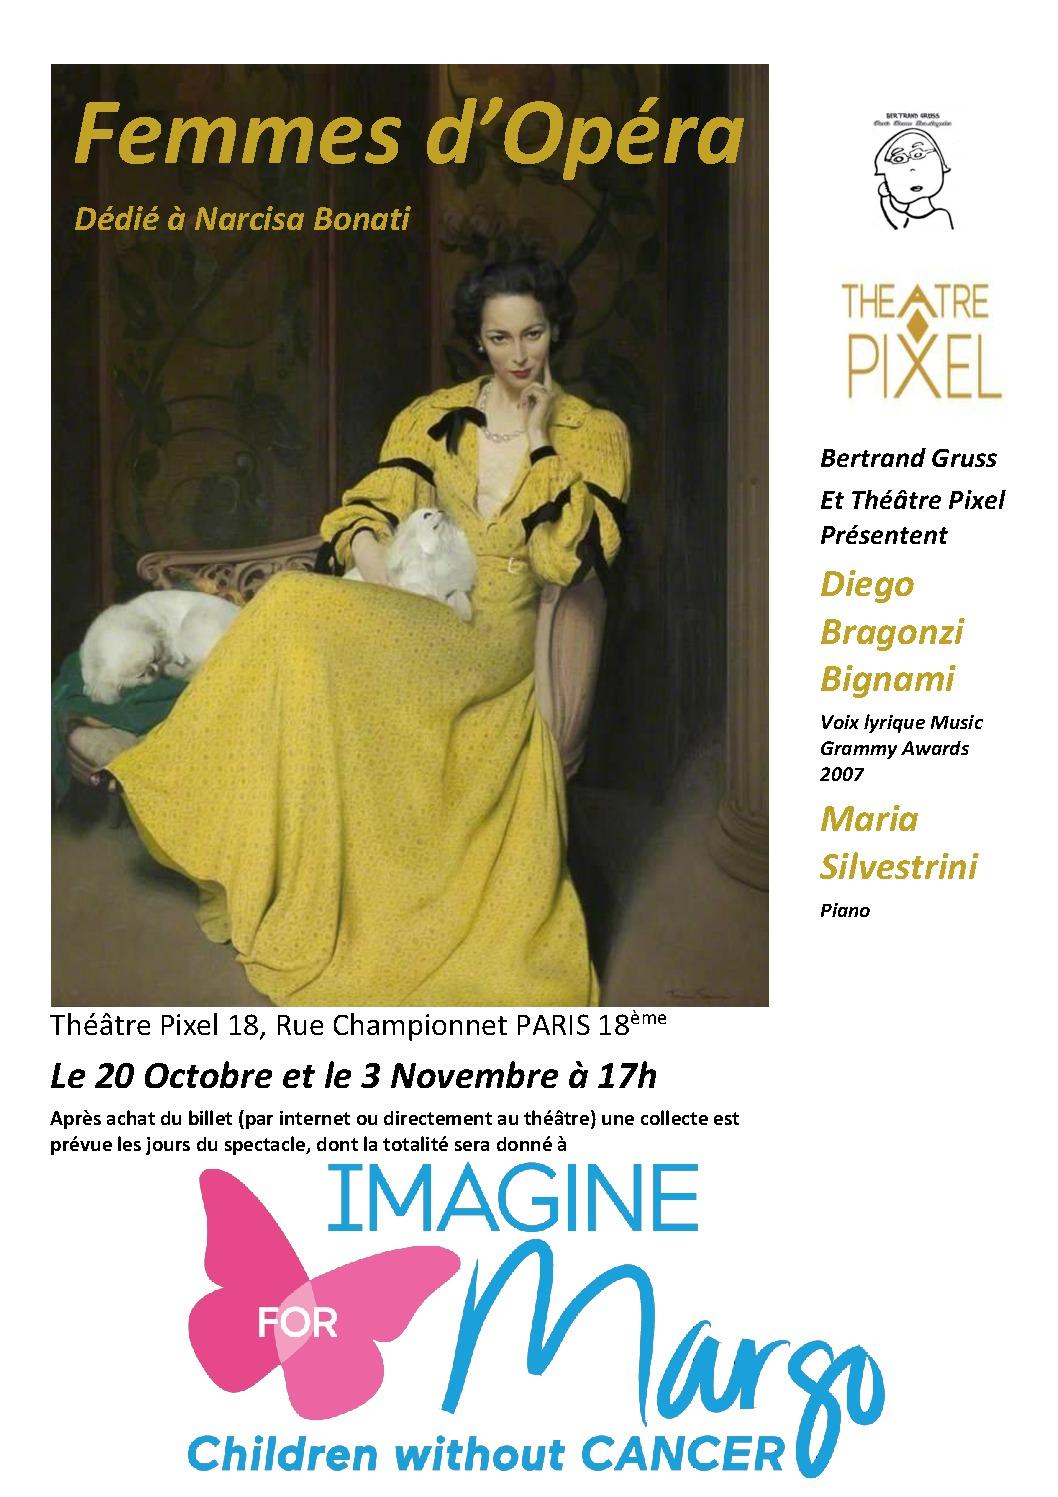 thumbnail of Femmes d'Op?ra et Imagine for Margo